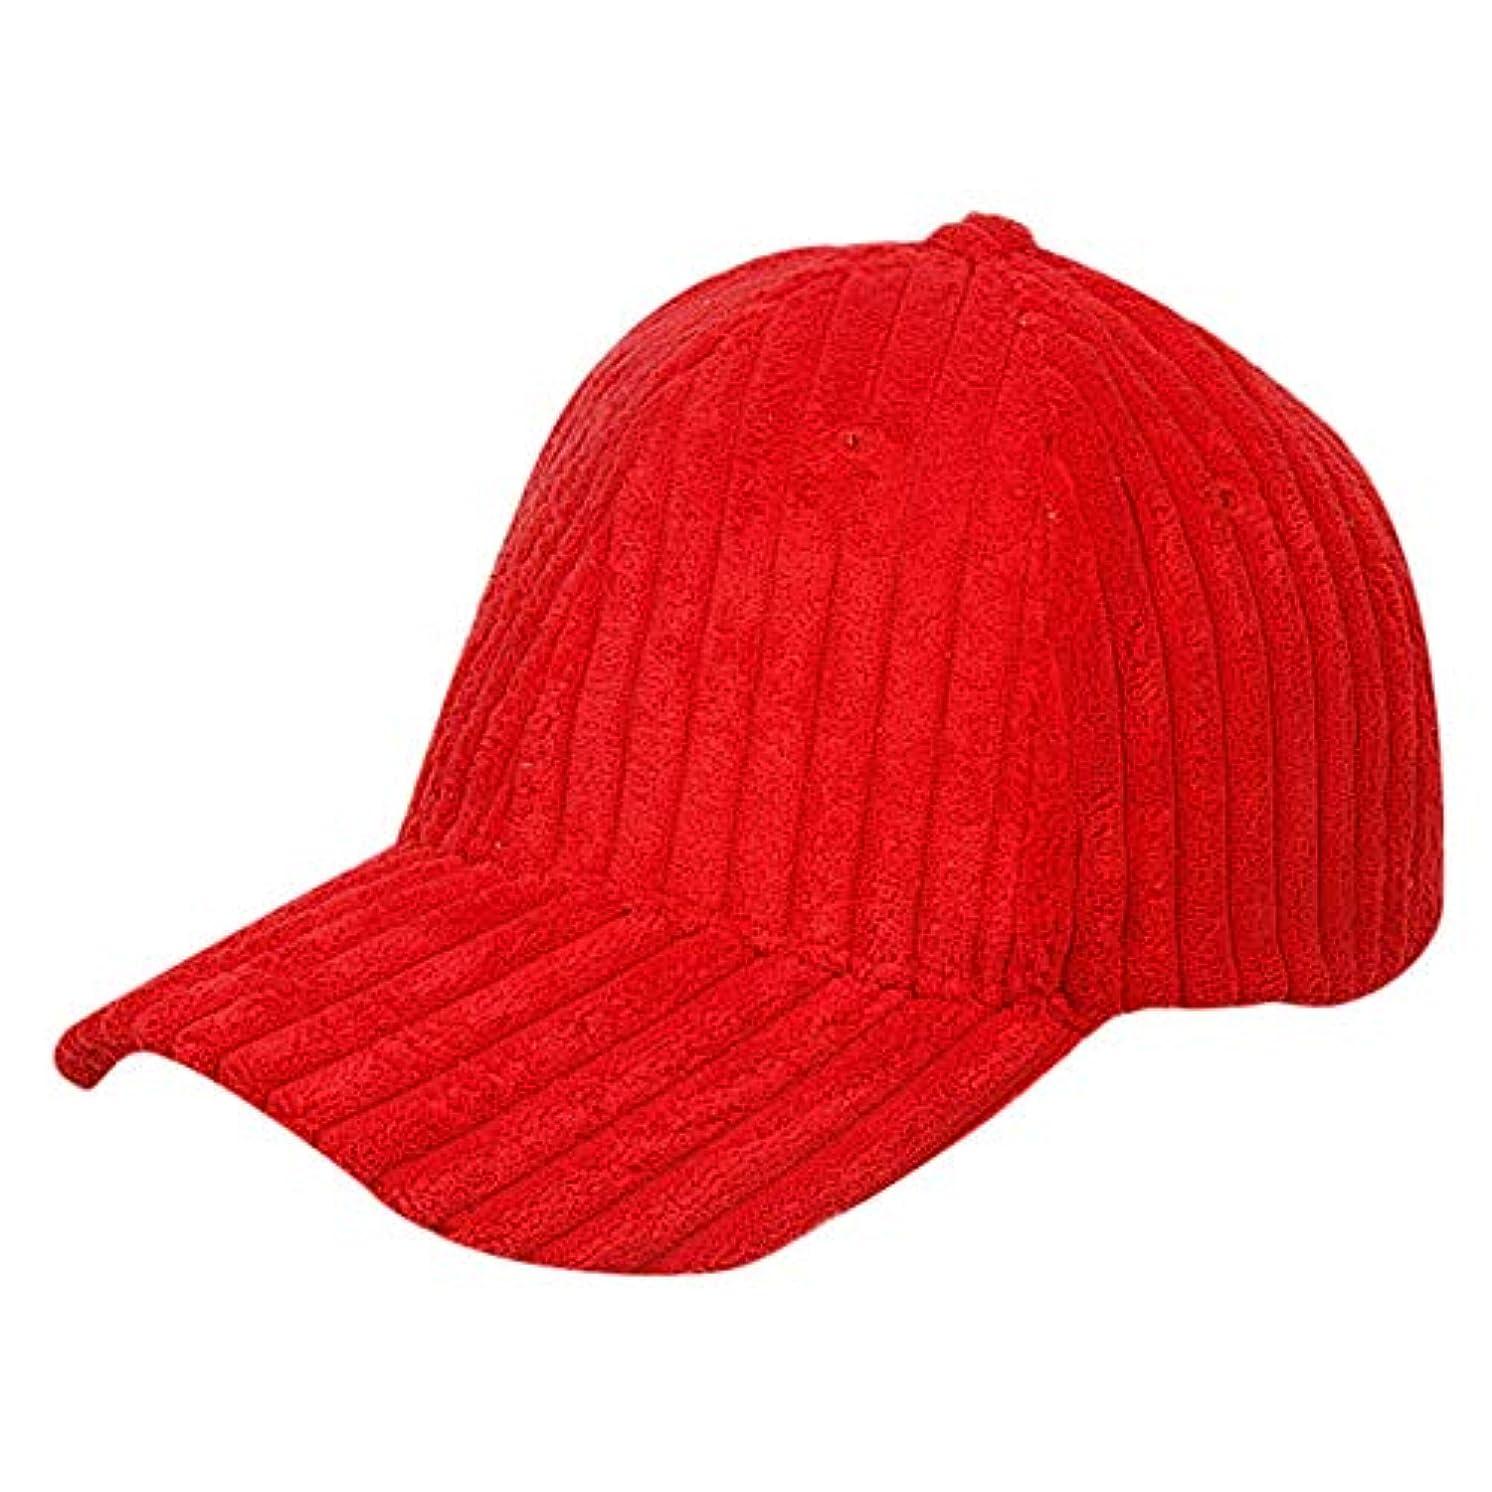 ボンドナンセンス経度Racazing Cap コーデュロイ 野球帽 迷彩 冬 登山 通気性のある メッシュ 帽子 ベルクロ 可調整可能 ストライプ 刺繍 棒球帽 UV 帽子 軽量 屋外 Unisex Hat (赤)